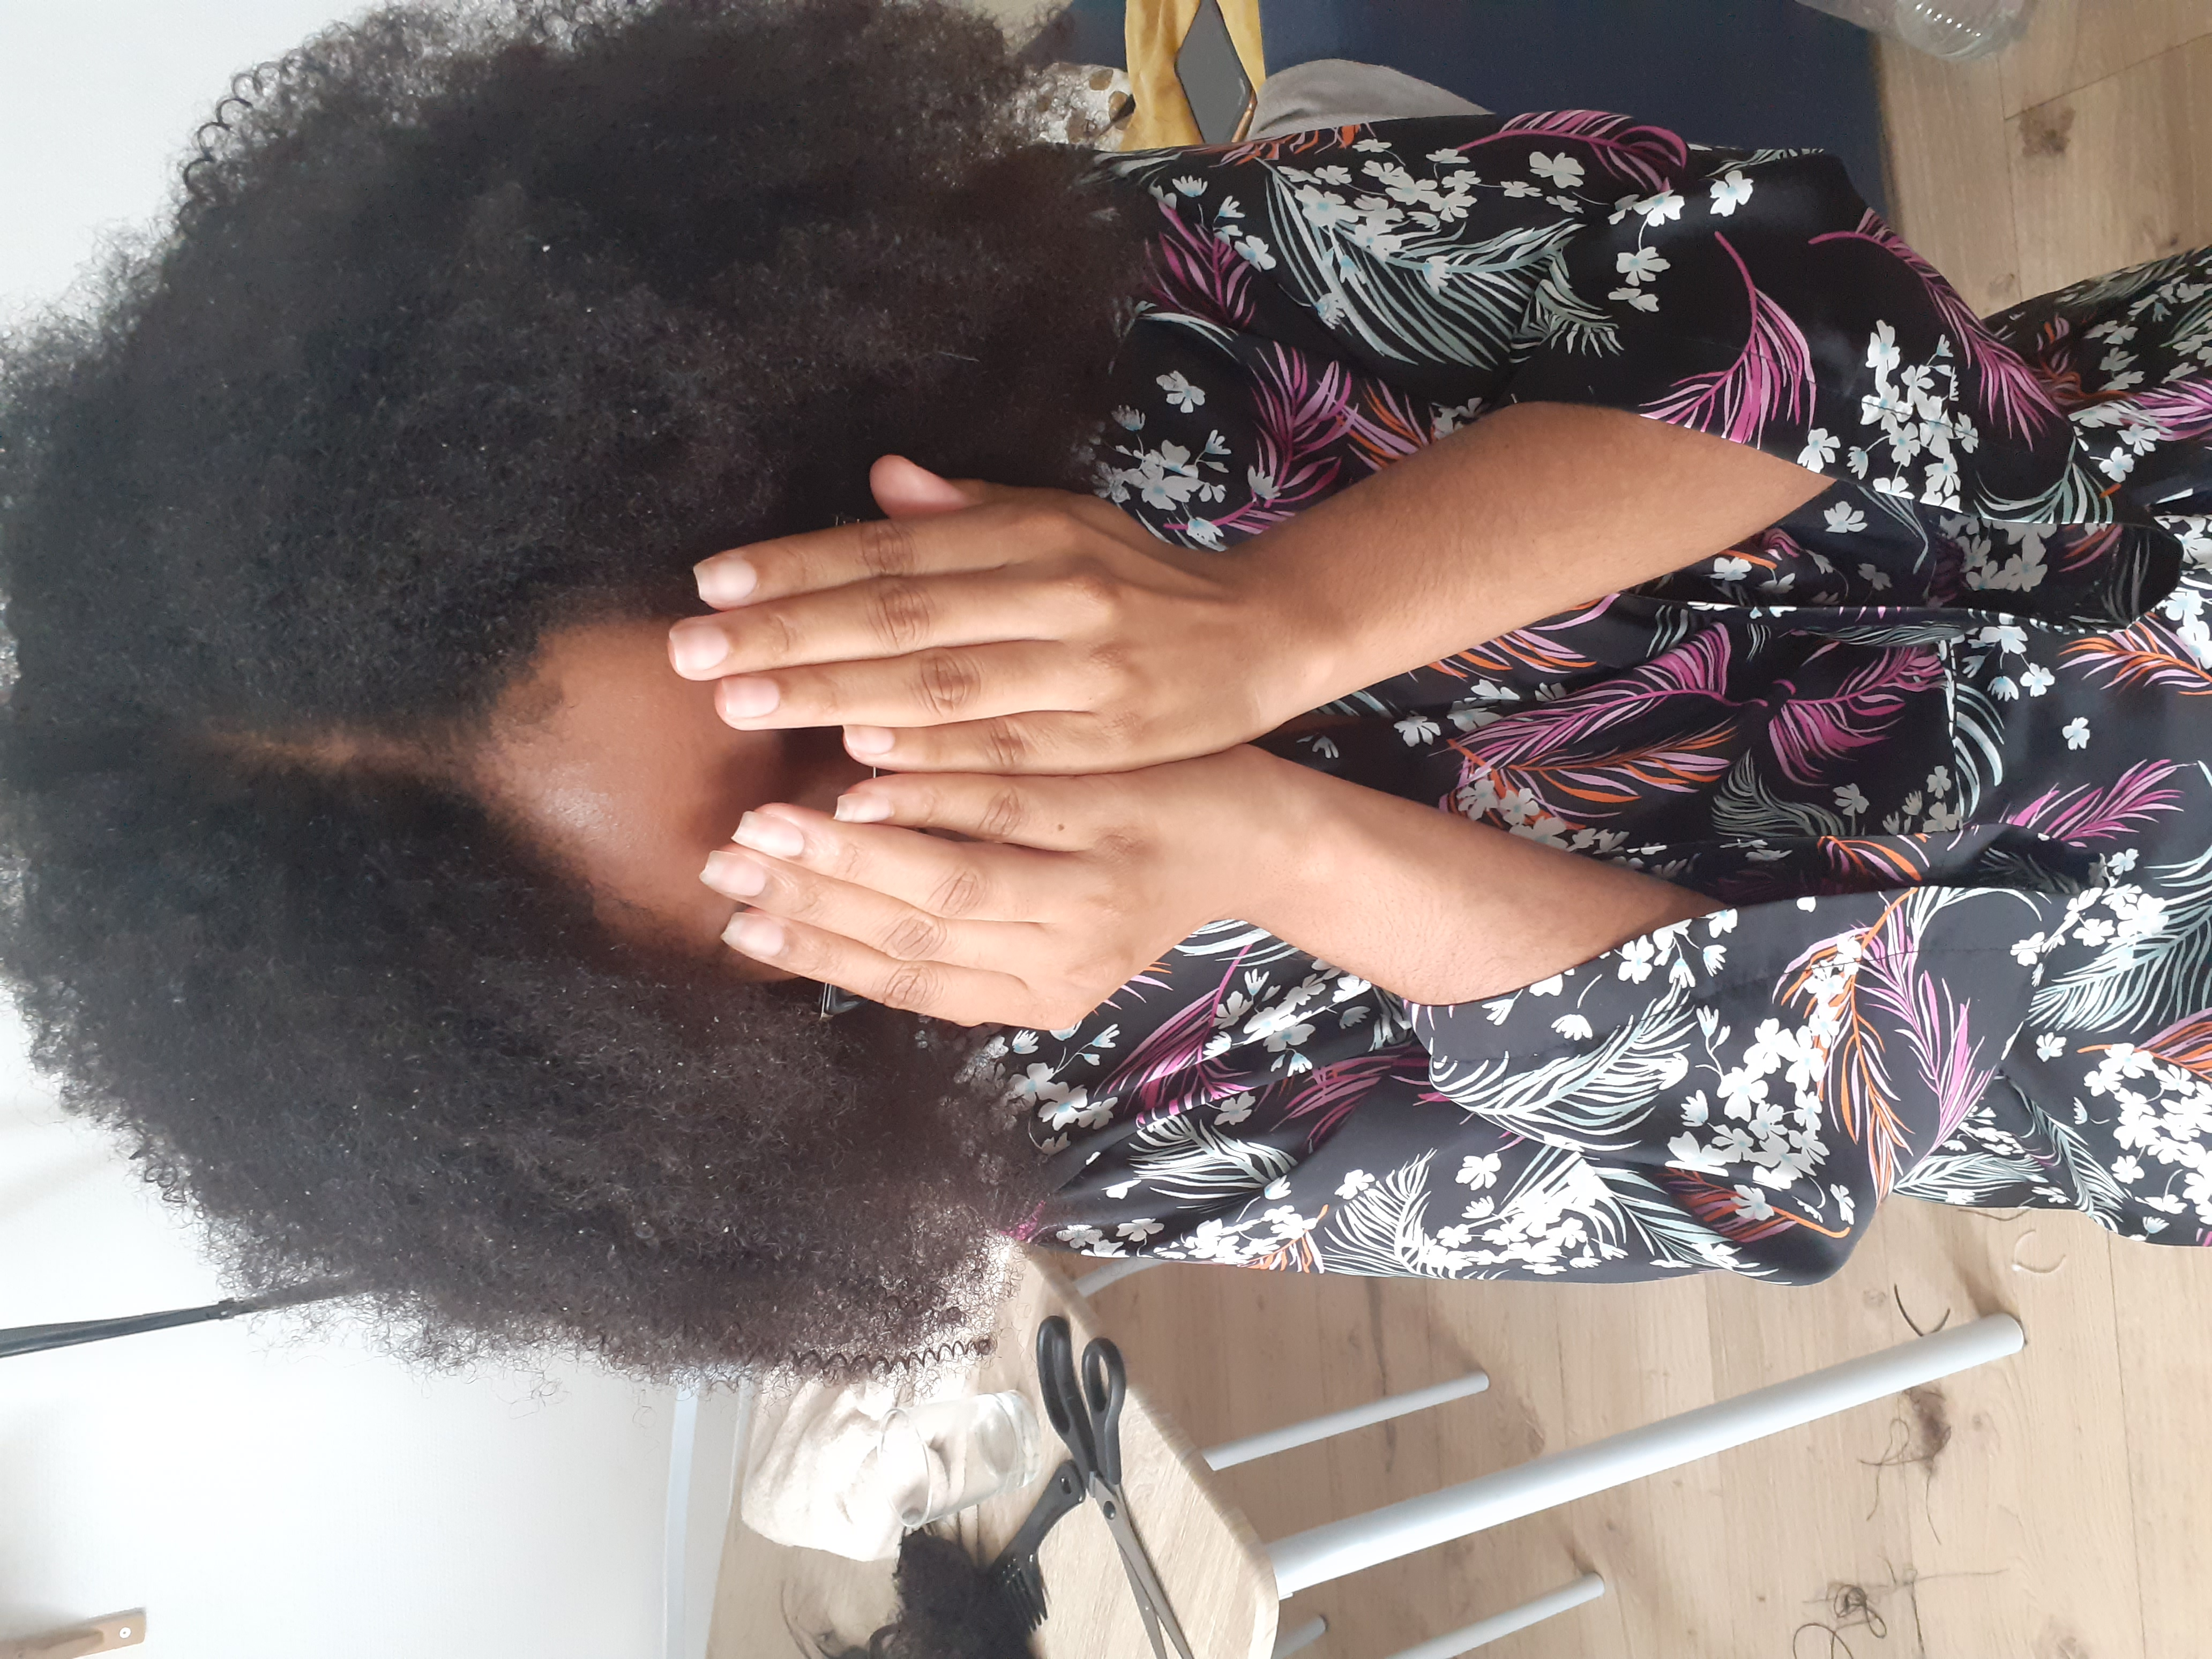 salon de coiffure afro tresse tresses box braids crochet braids vanilles tissages paris 75 77 78 91 92 93 94 95 AIOTLCBP